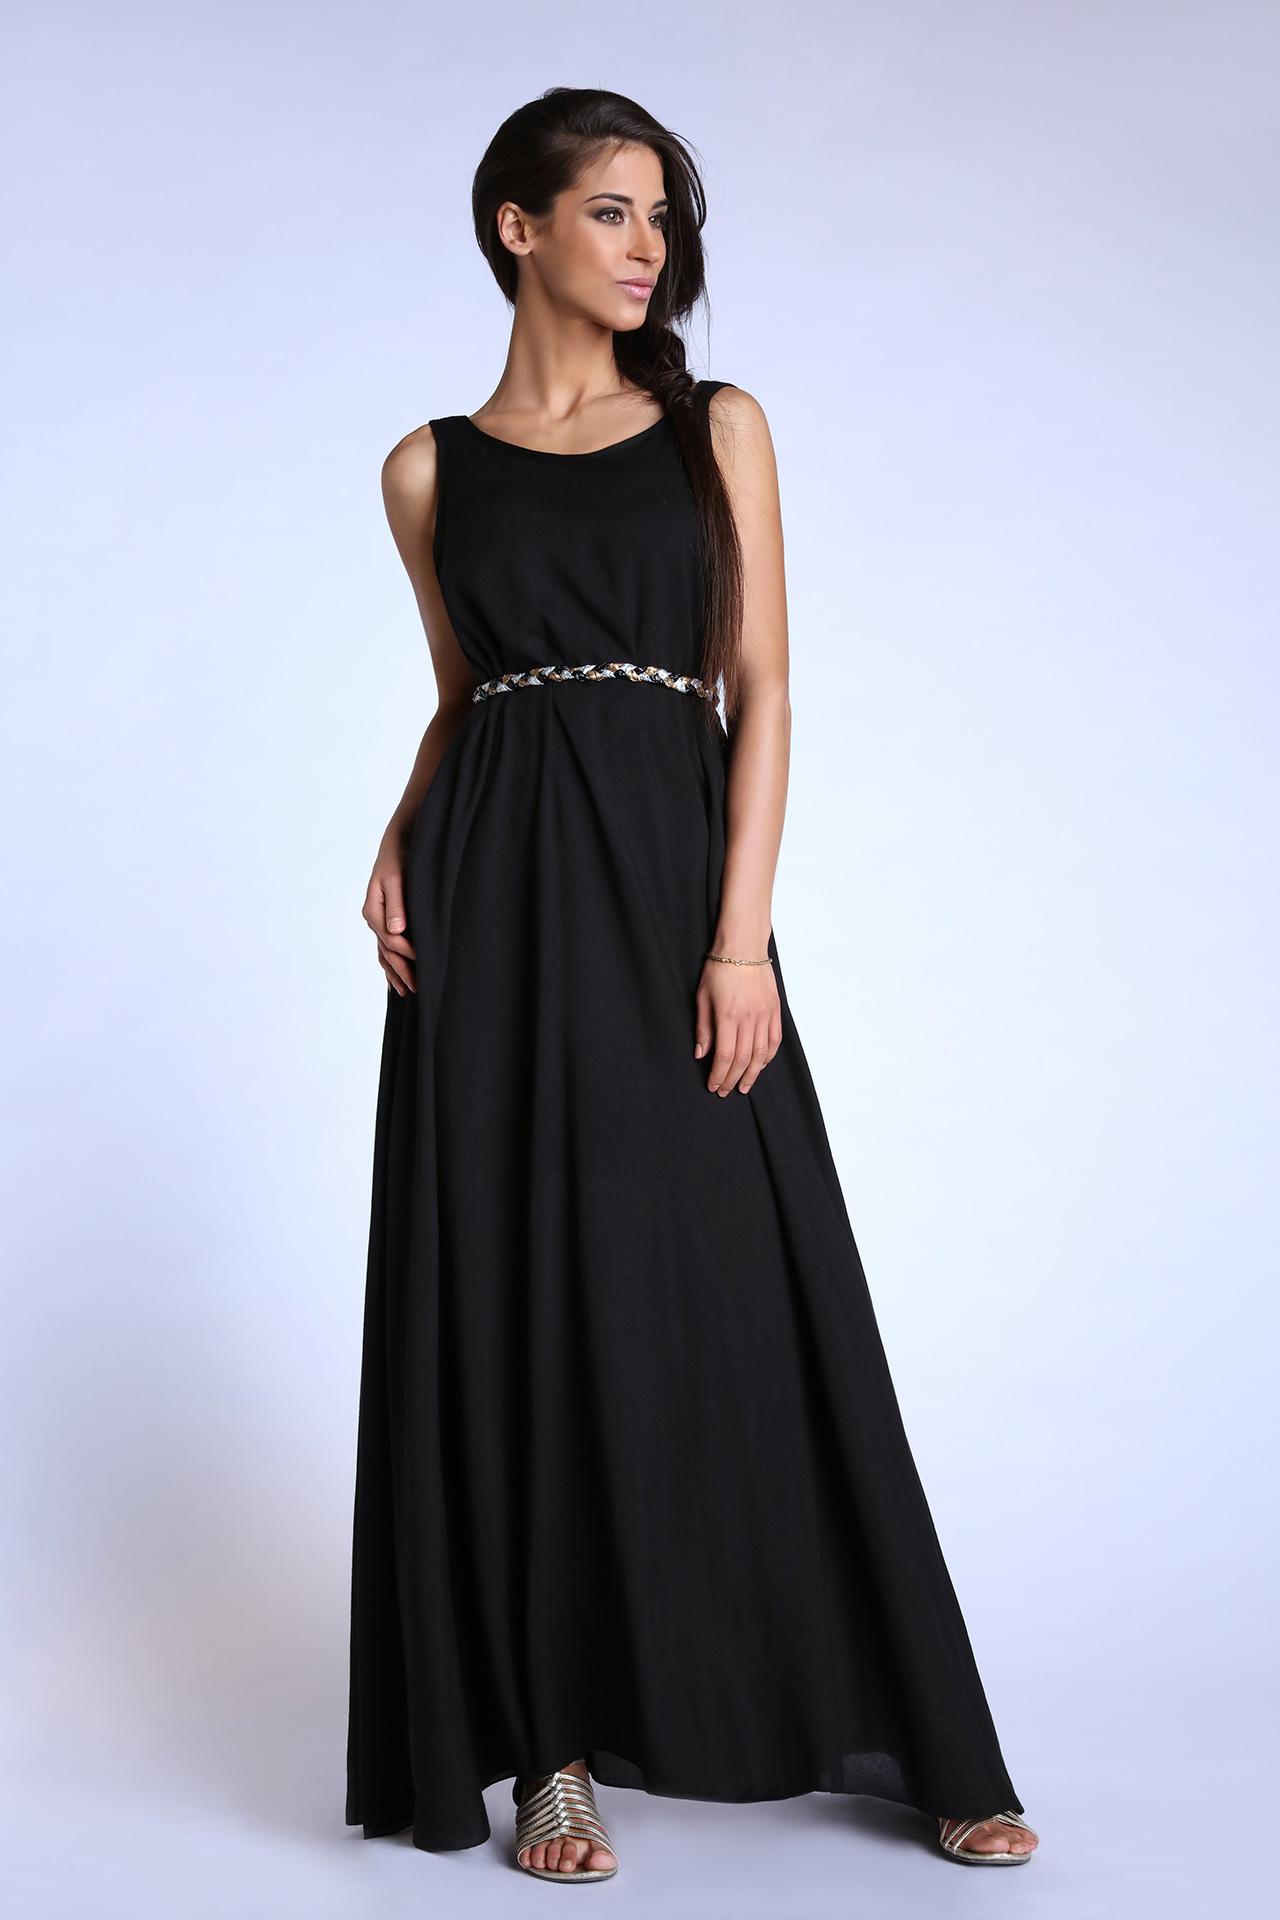 Robe de soiree noire longue et large (Look 1)